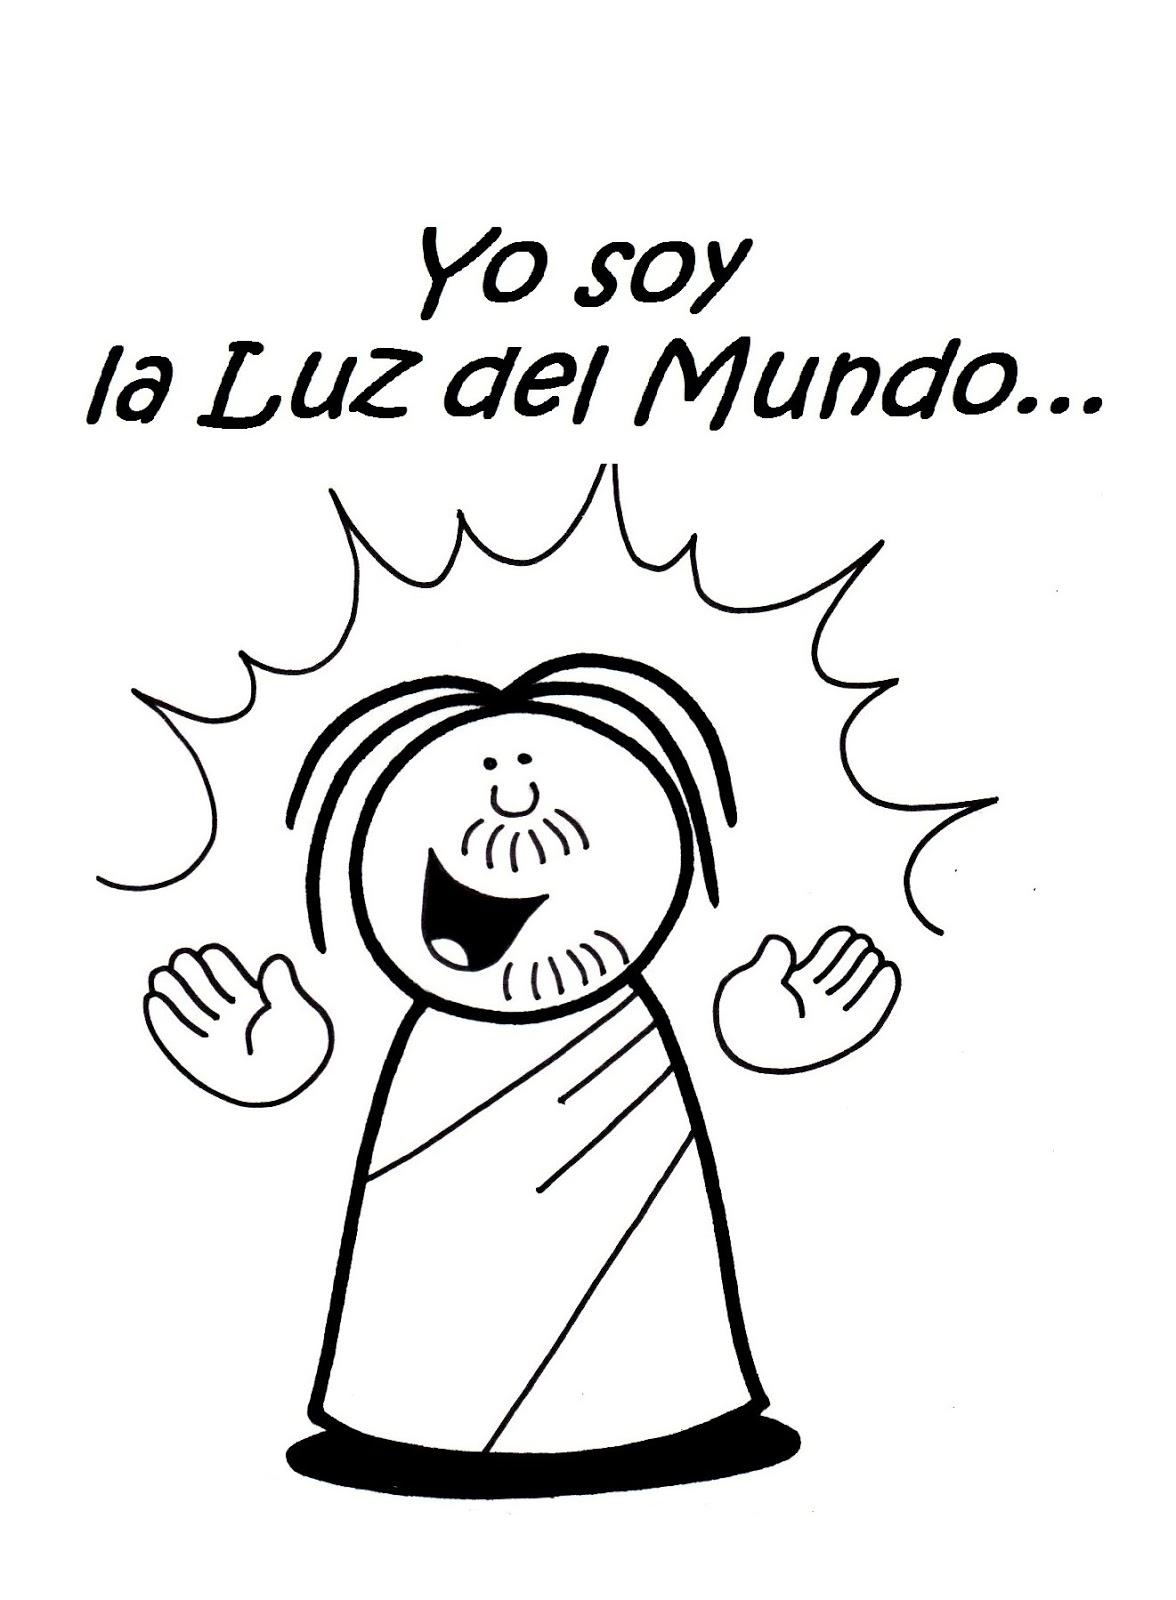 Yo Soy El